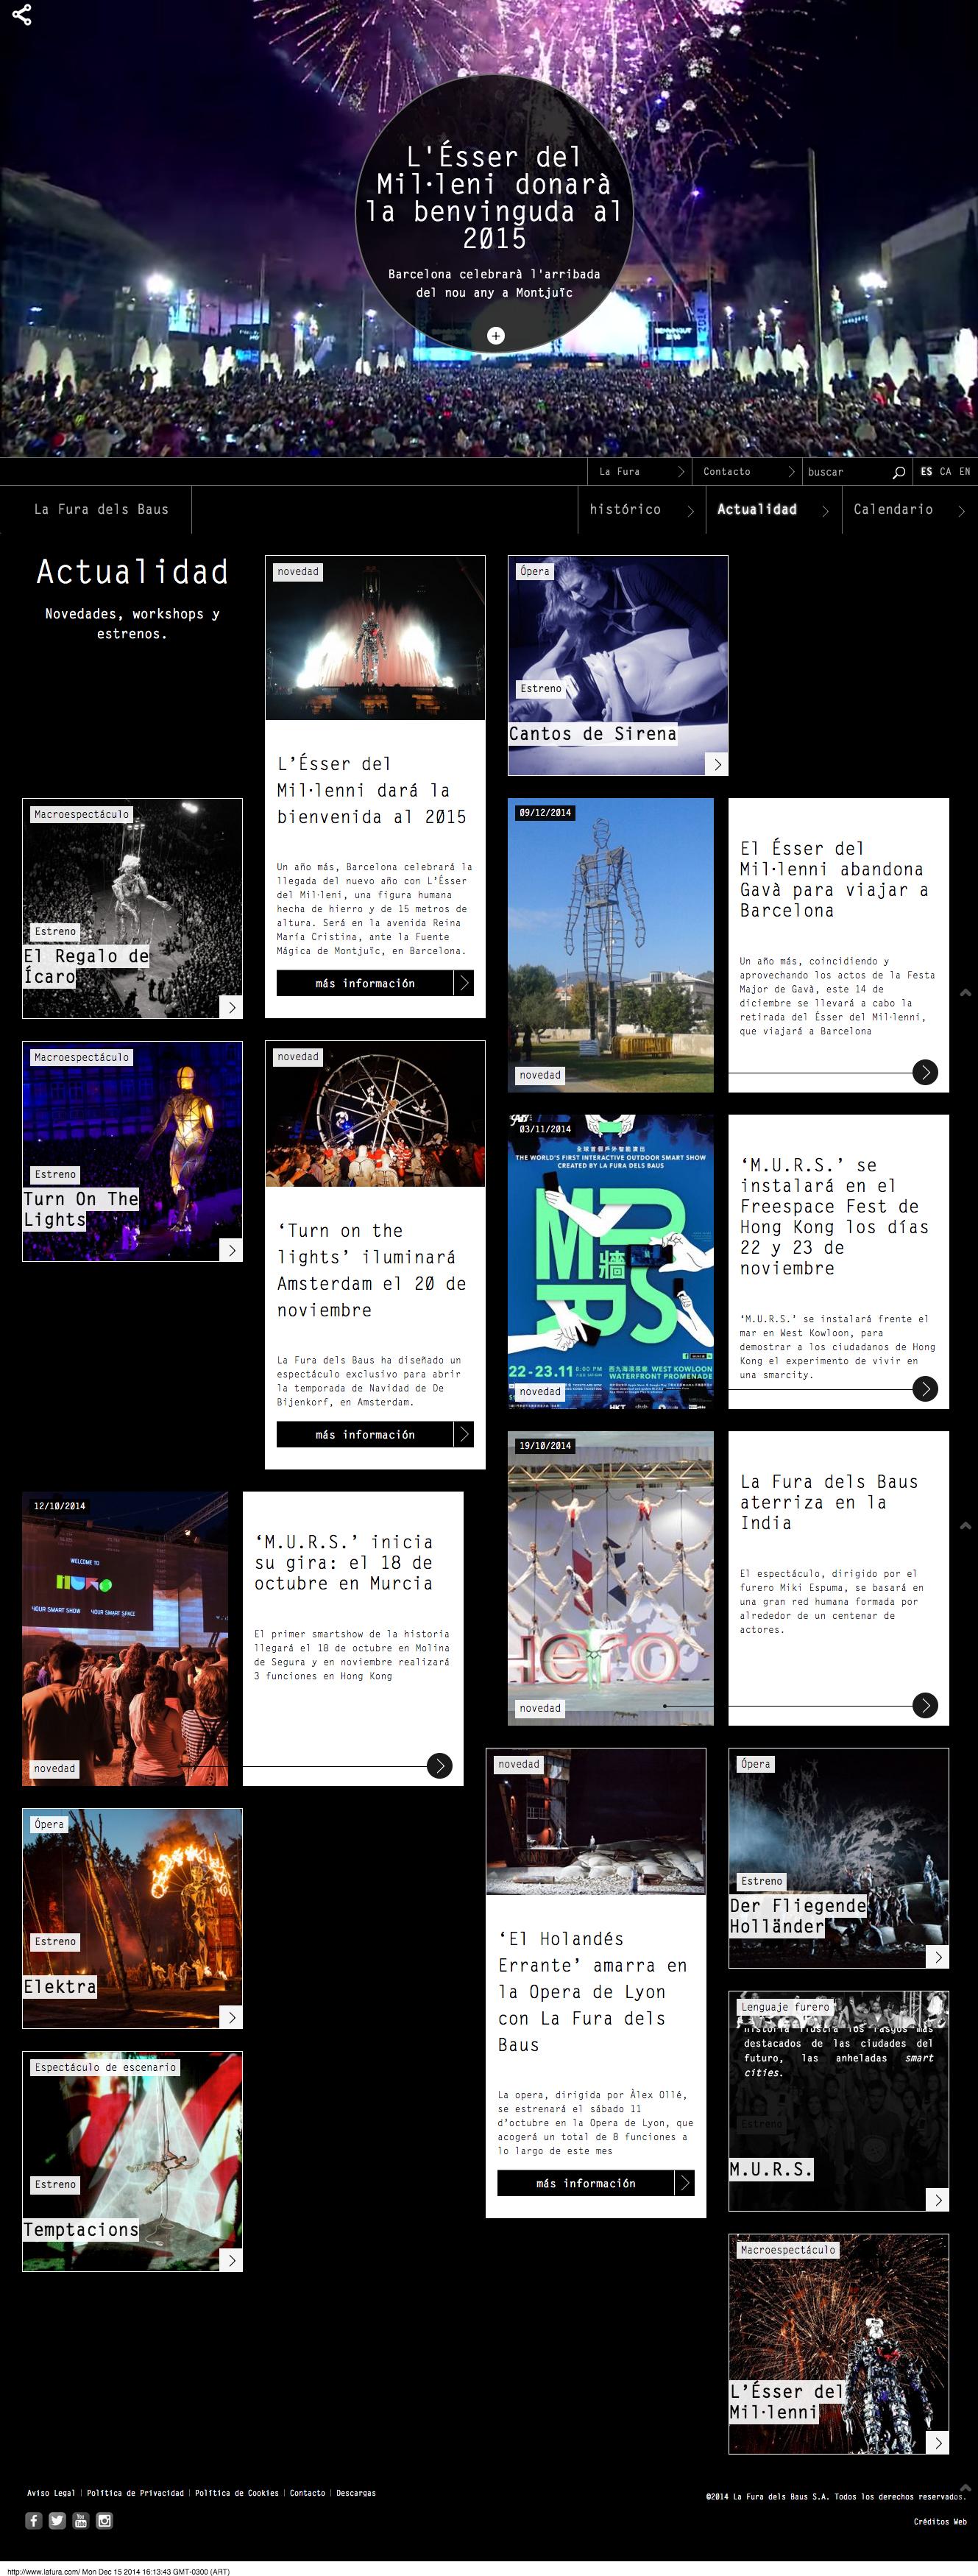 La Fura dels Baus website